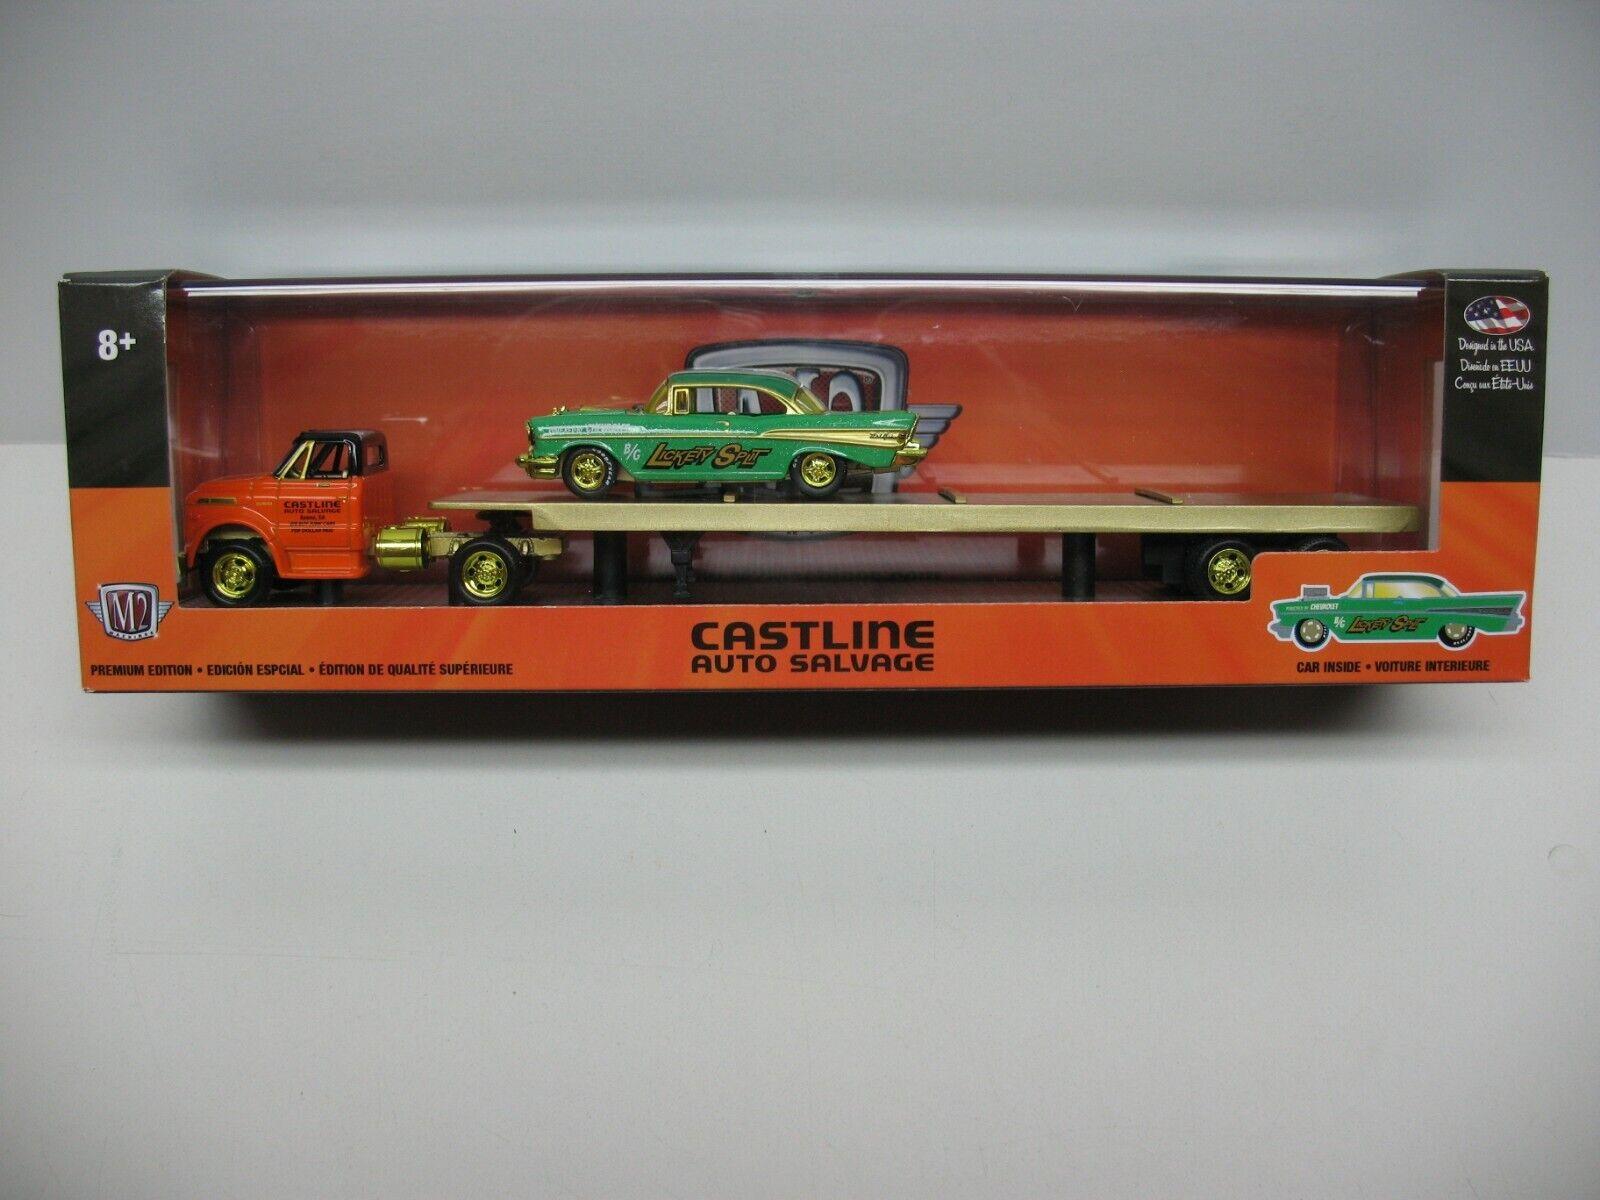 2019 M2 oro Chase 1971 Chevy C60 camión y 1957 Bel Air Auto perfiladoras R 33 1 750